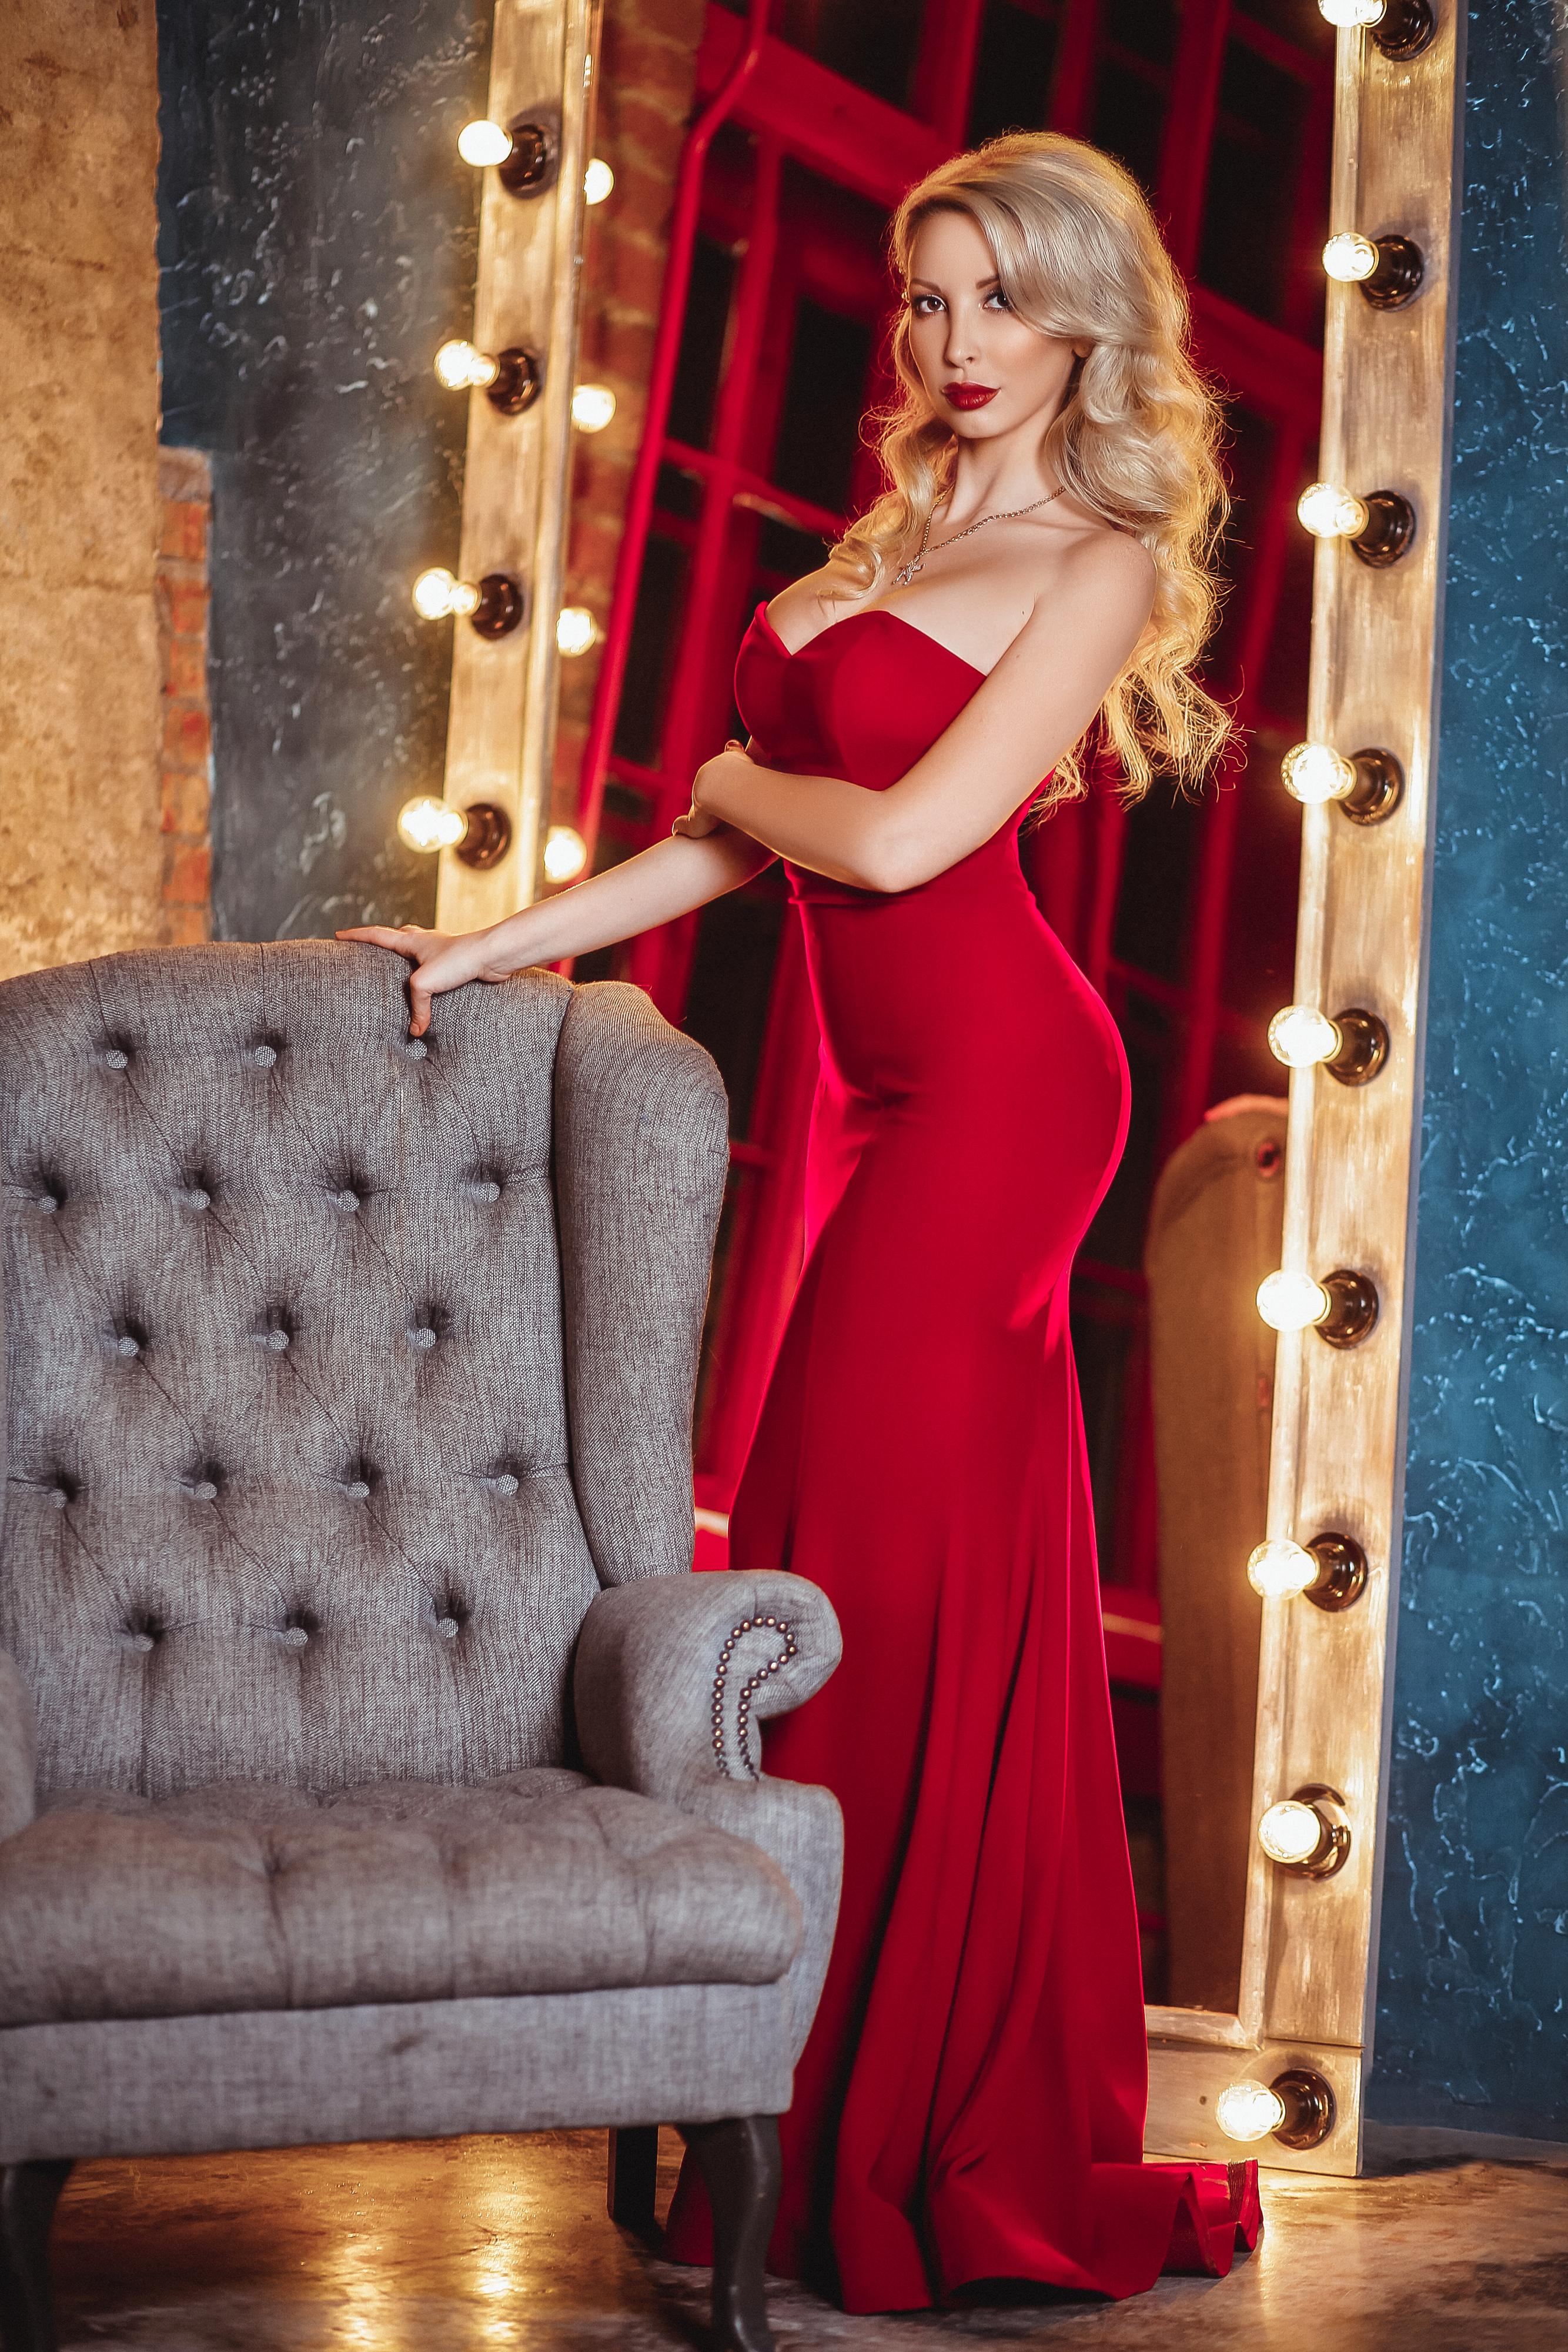 красивая блондинка в красном платье в свете софитов